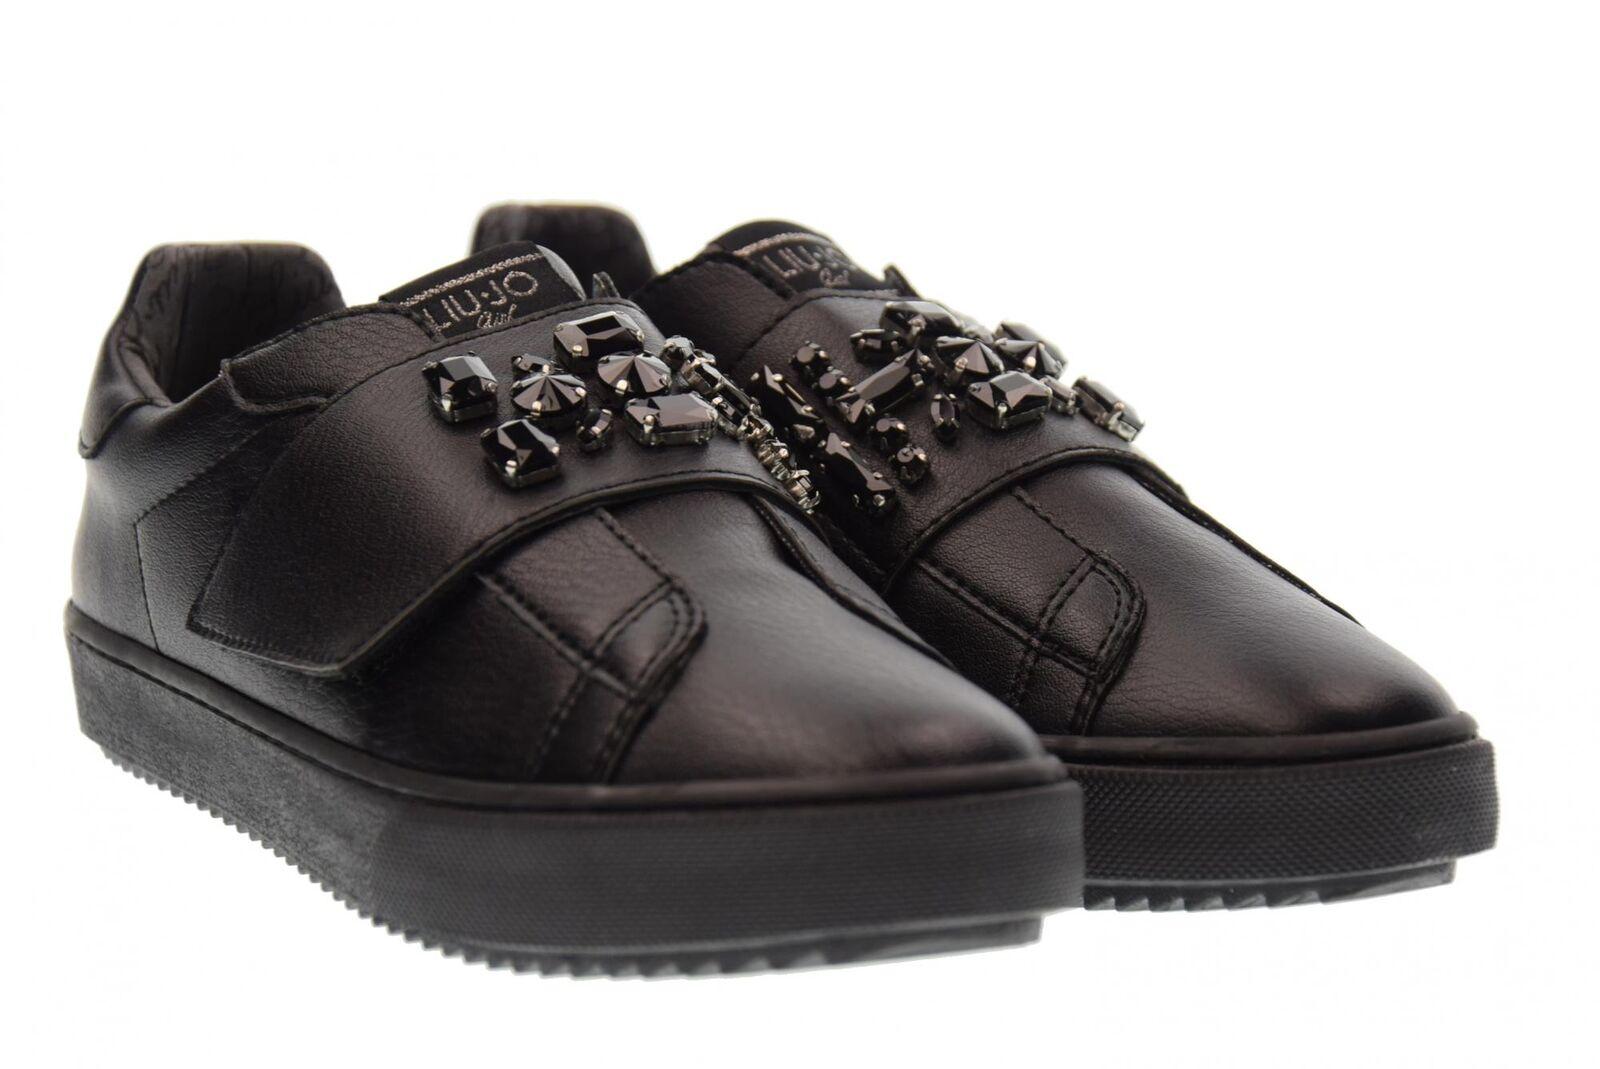 Liu Jo Girl A17s zapatos  de deporte mujer zapatillas de deporte de bajas sin cordones UM232 a6a23c